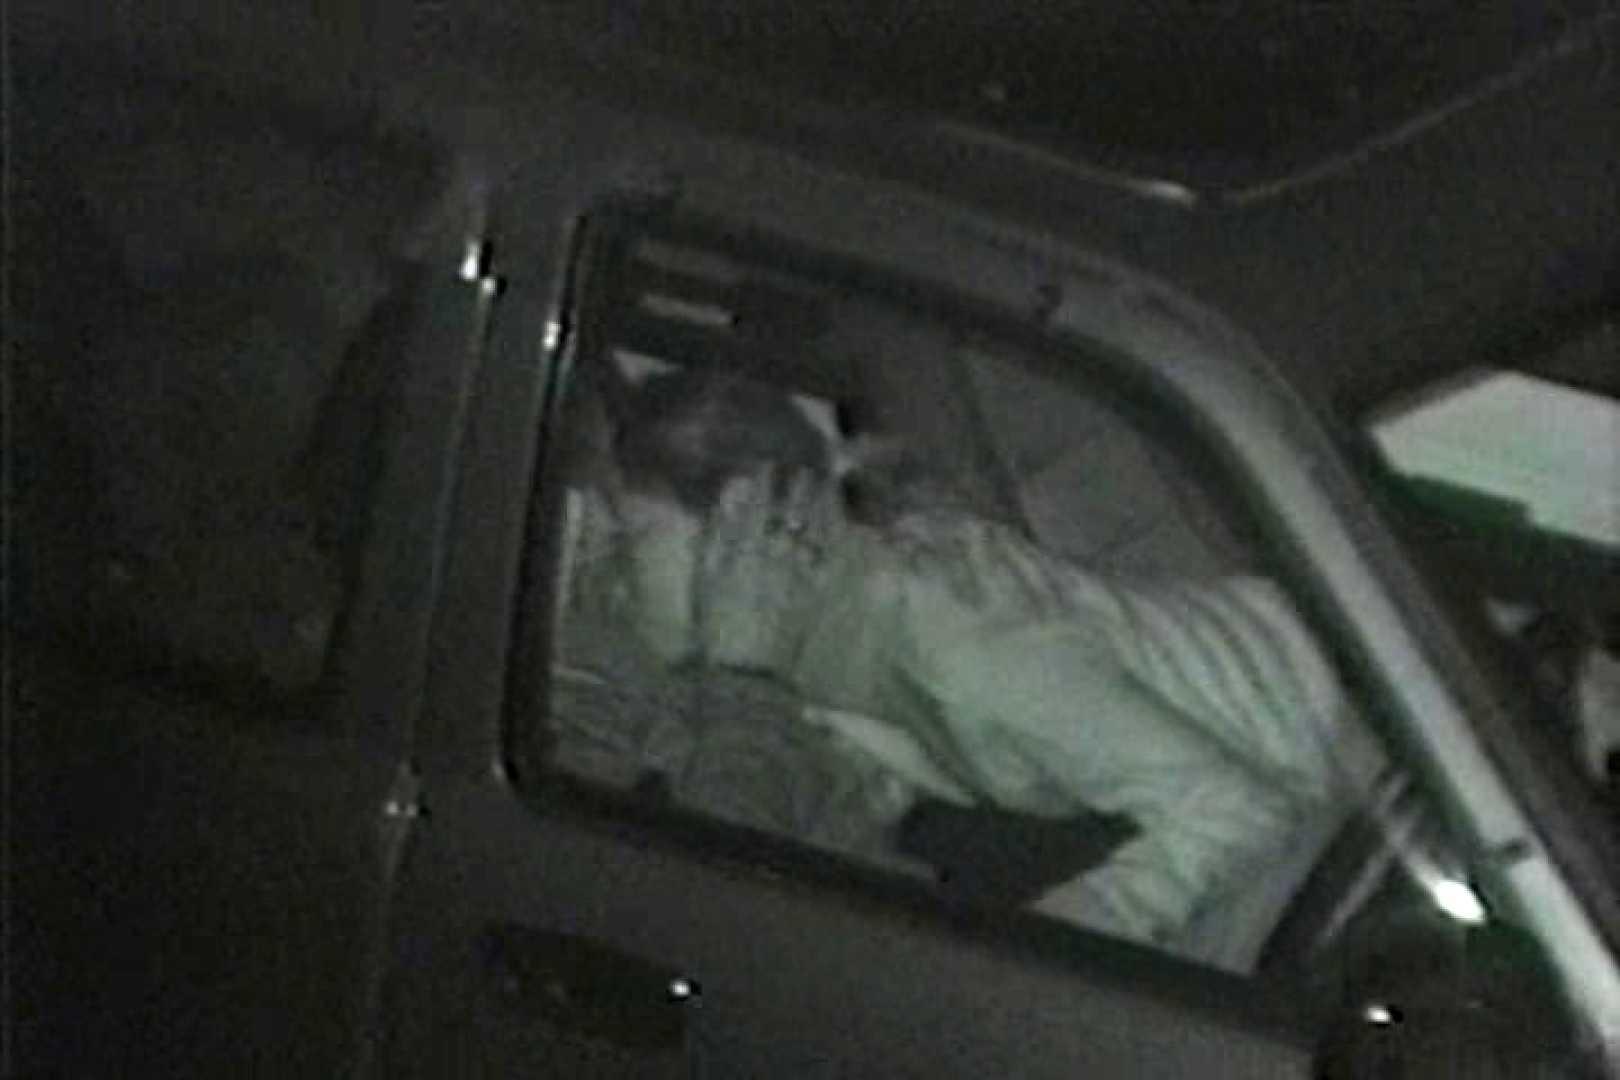 車の中はラブホテル 無修正版  Vol.7 OLの実態 隠し撮りオマンコ動画紹介 41pic 18